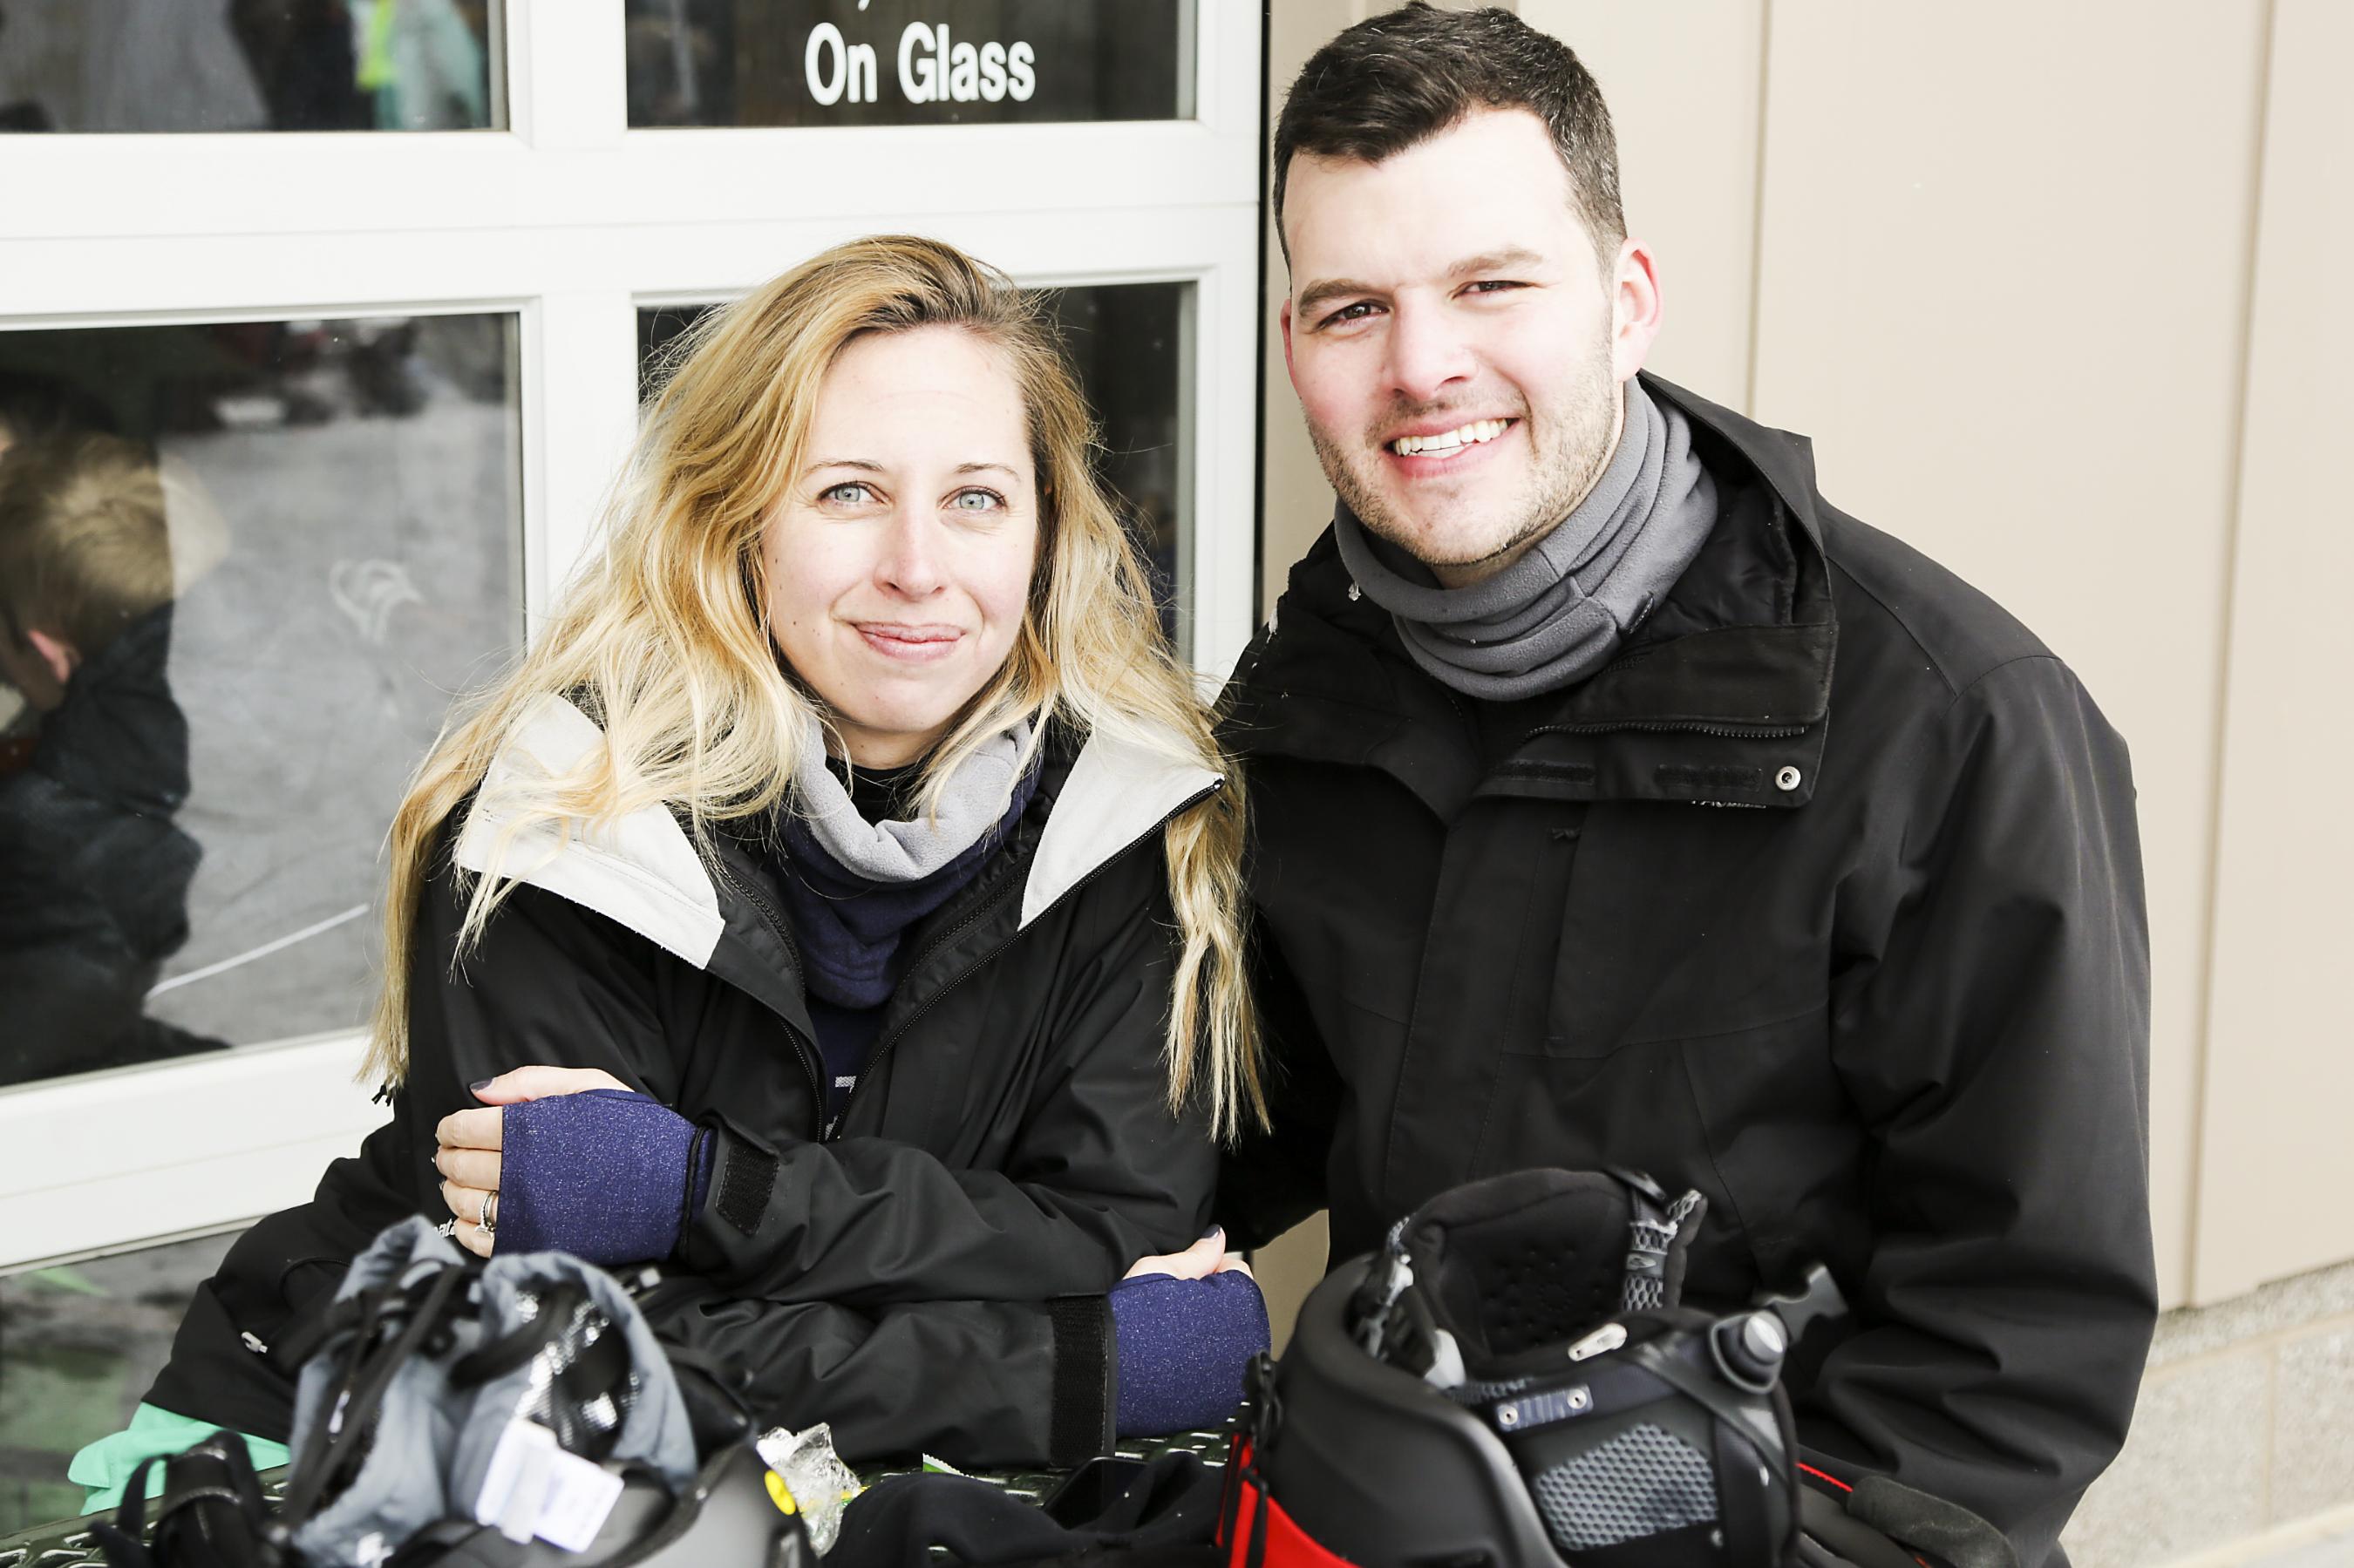 Erin and Jeff Neblett taking a break.